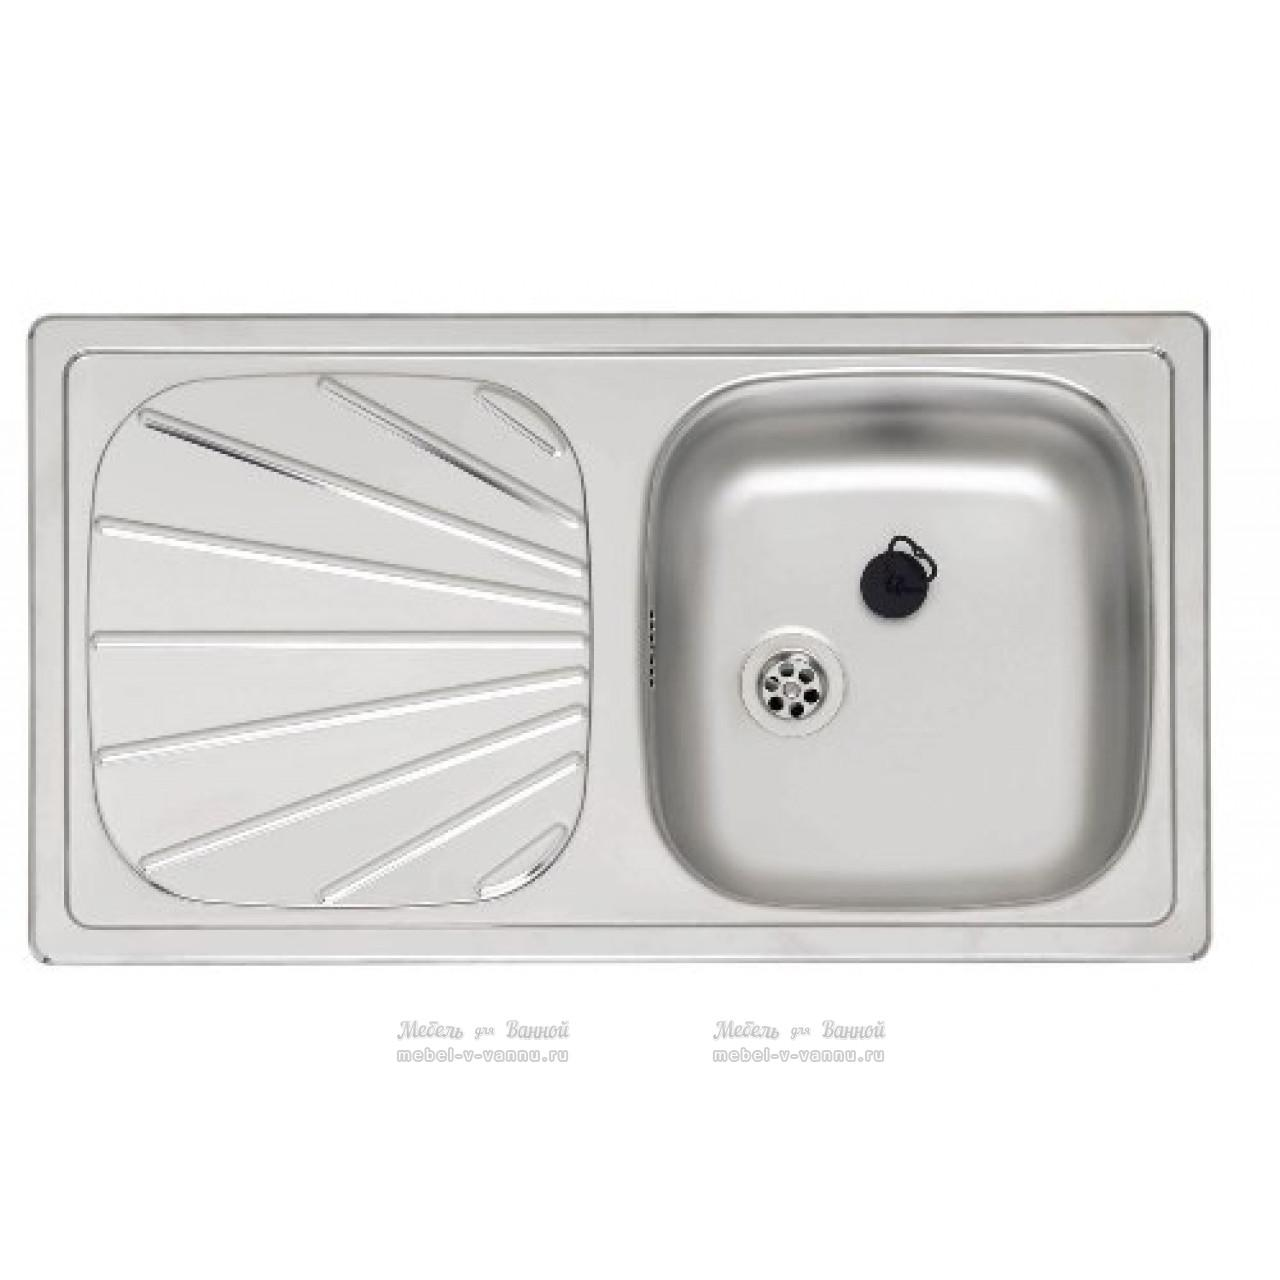 Кухонная мойка Reginox Beta 10 780x430 OSP купить в Москве по цене от 5110р. в интернет-магазине mebel-v-vannu.ru